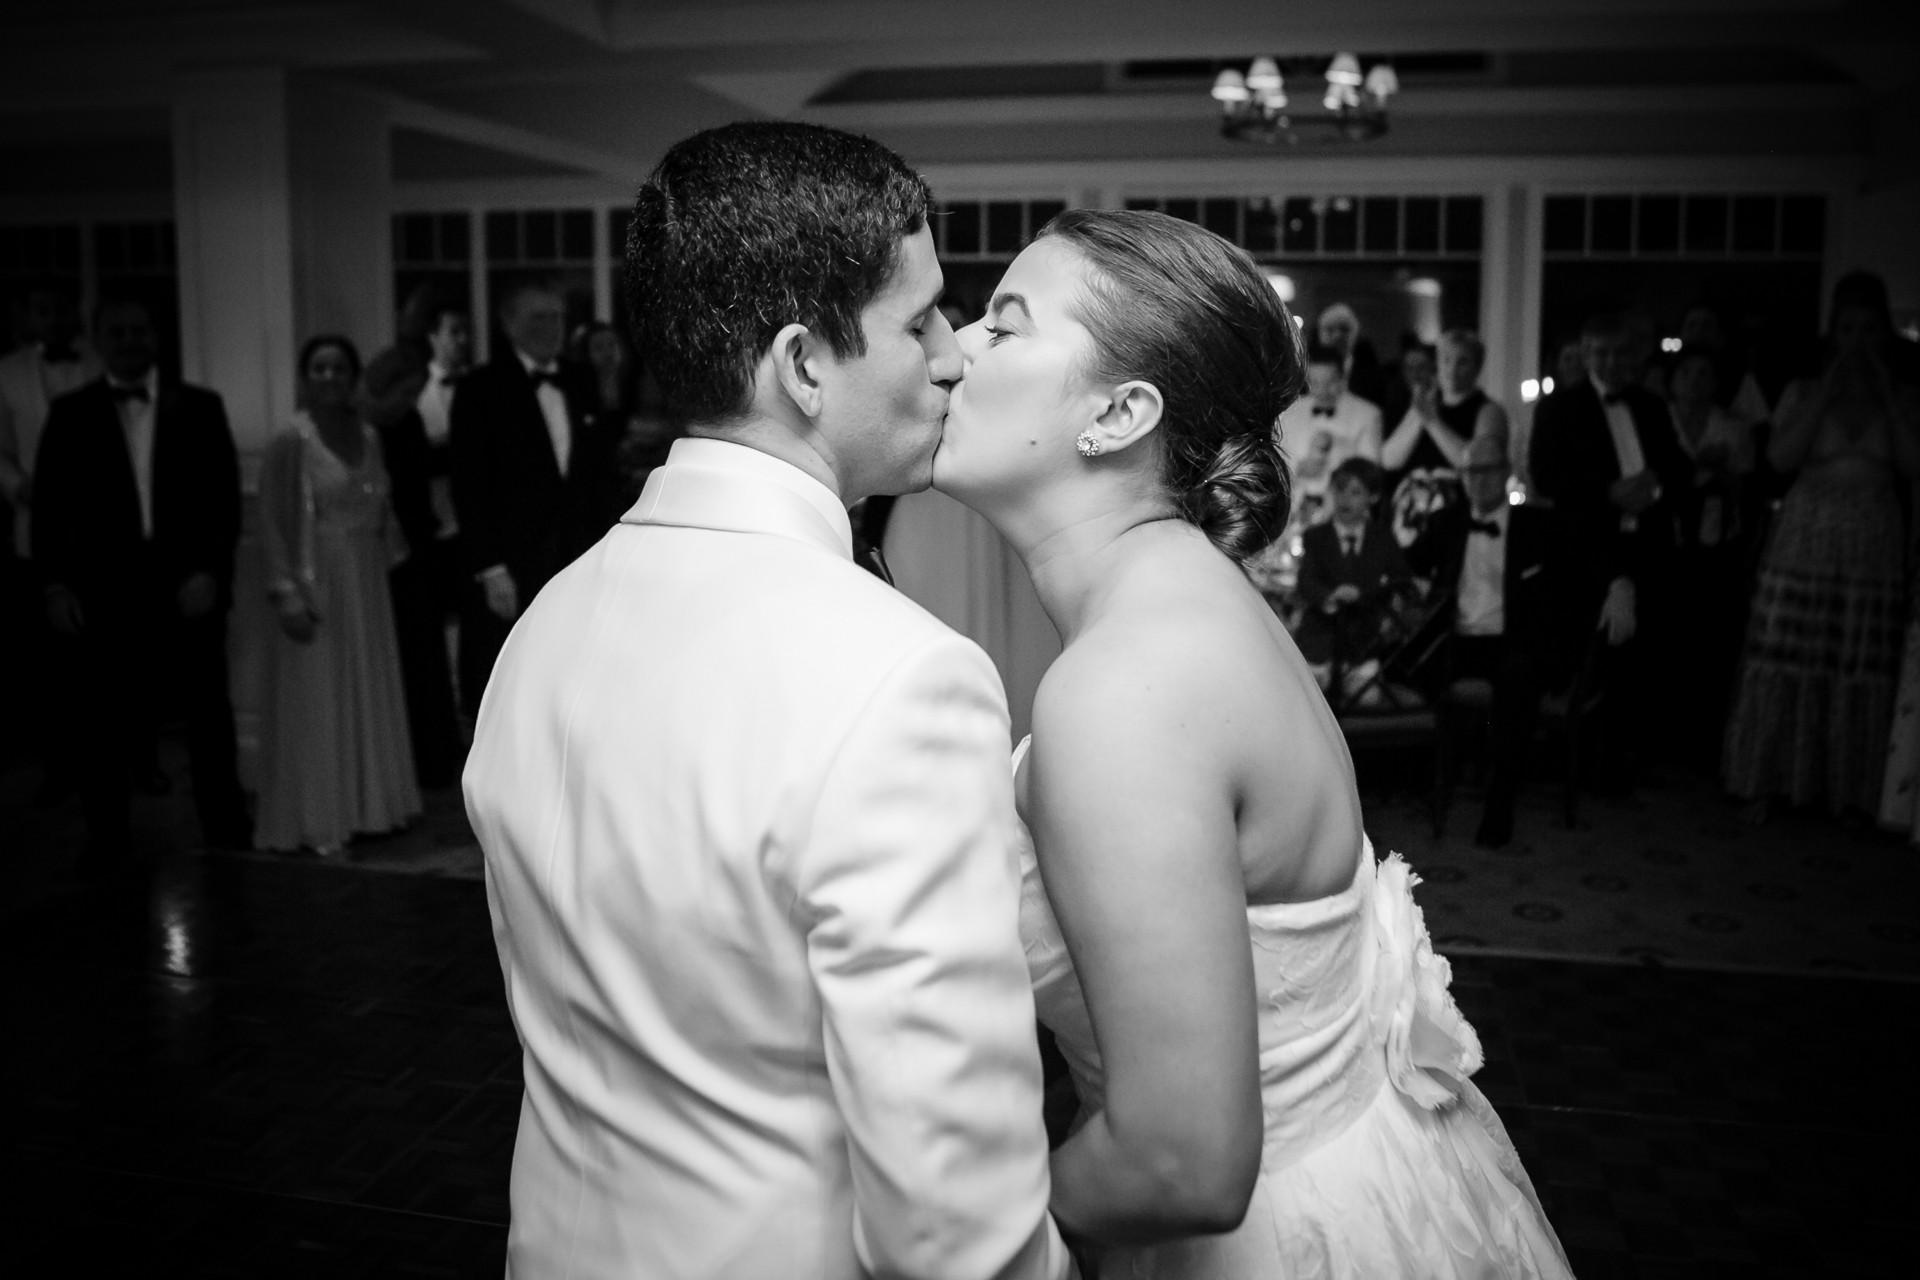 0461_Claudine_and_Eugenio's_Wedding_phot